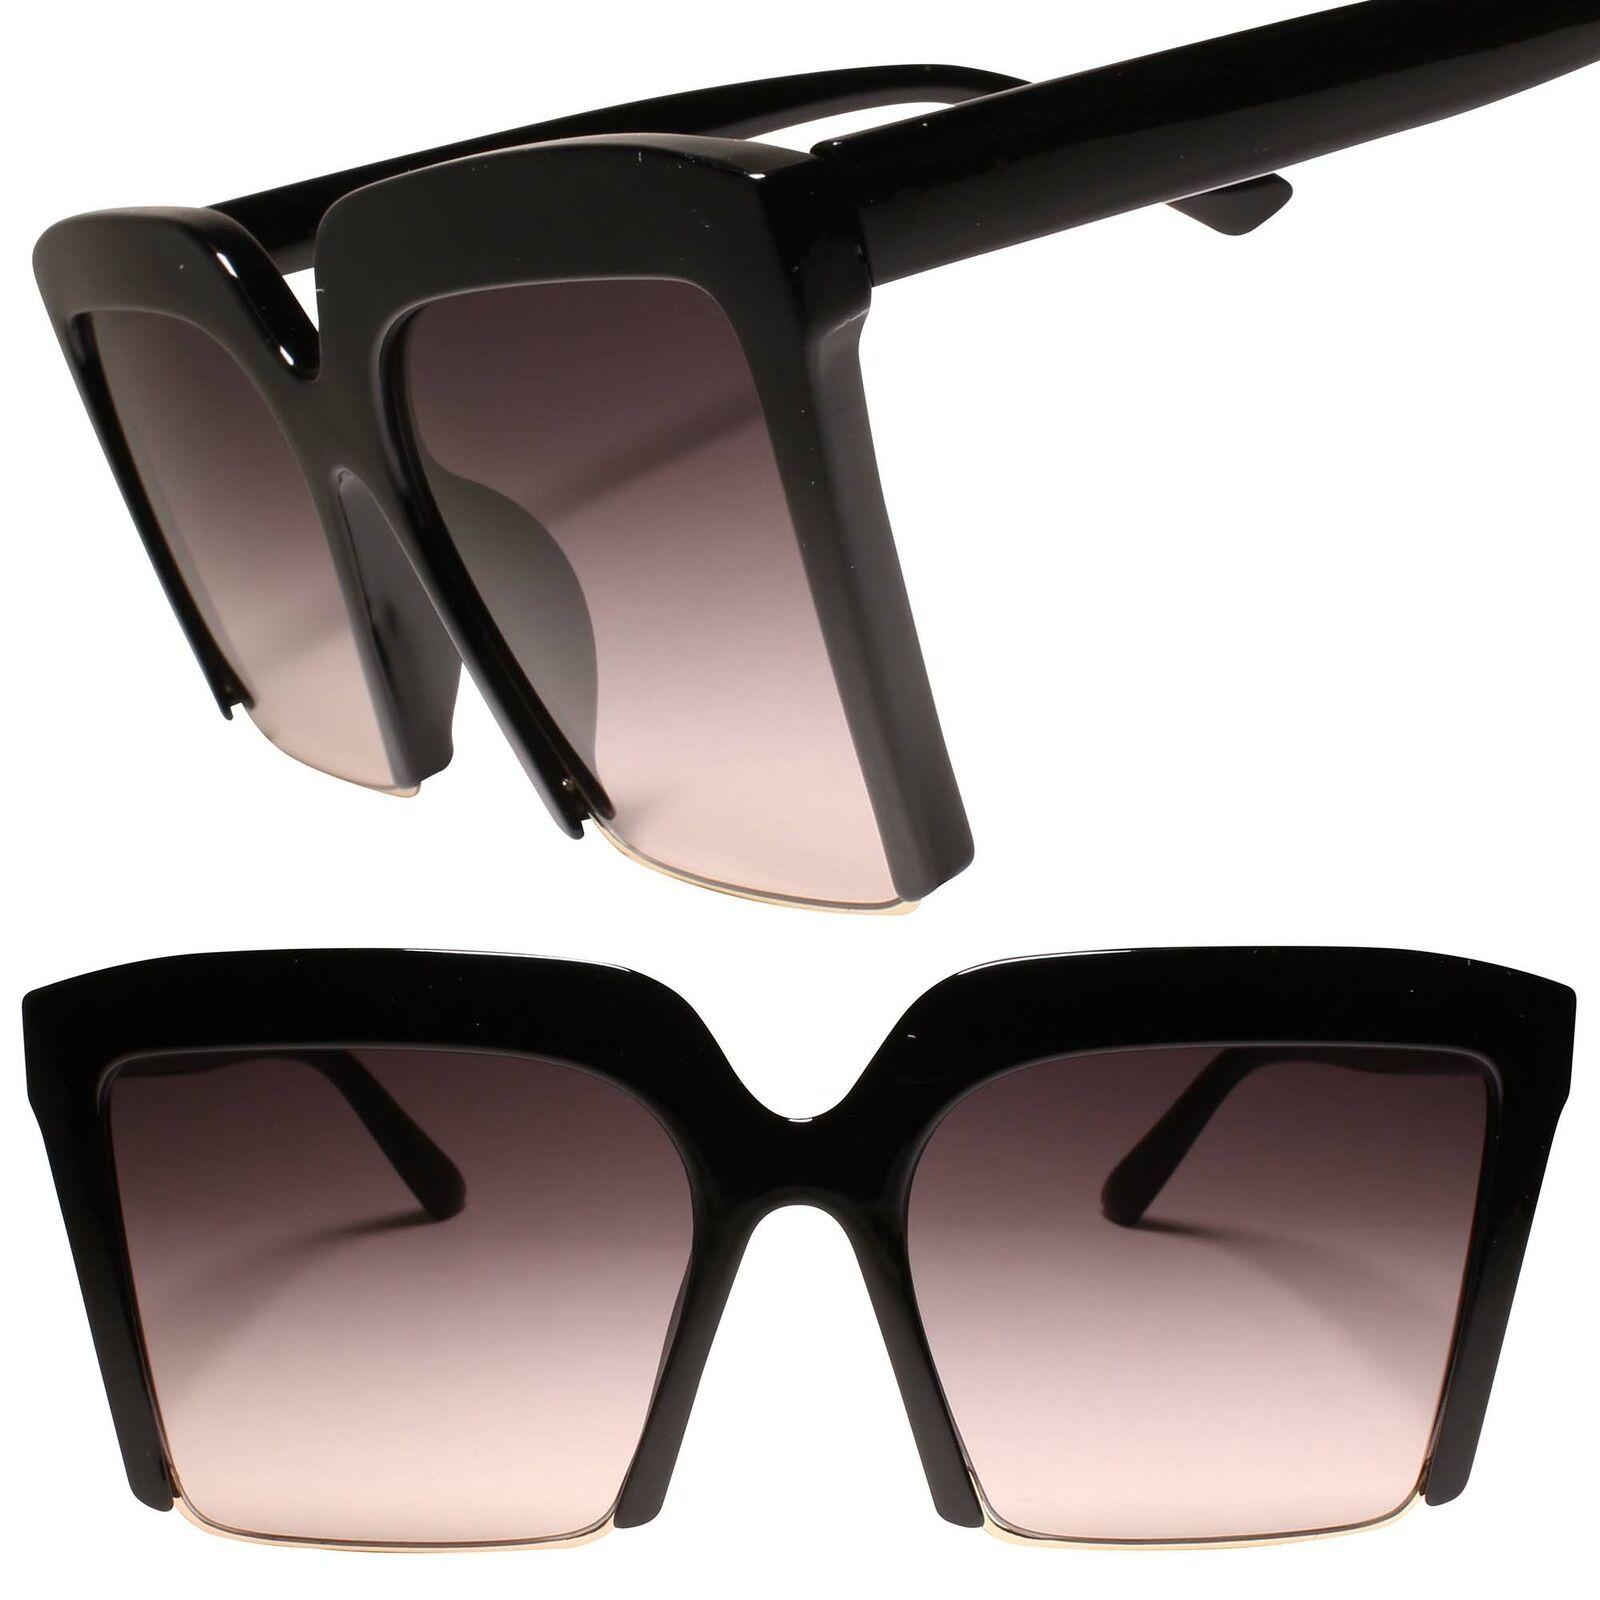 Classy Retro Oversized Exaggerated Womens Semi Rimless Black Square Sunglasses